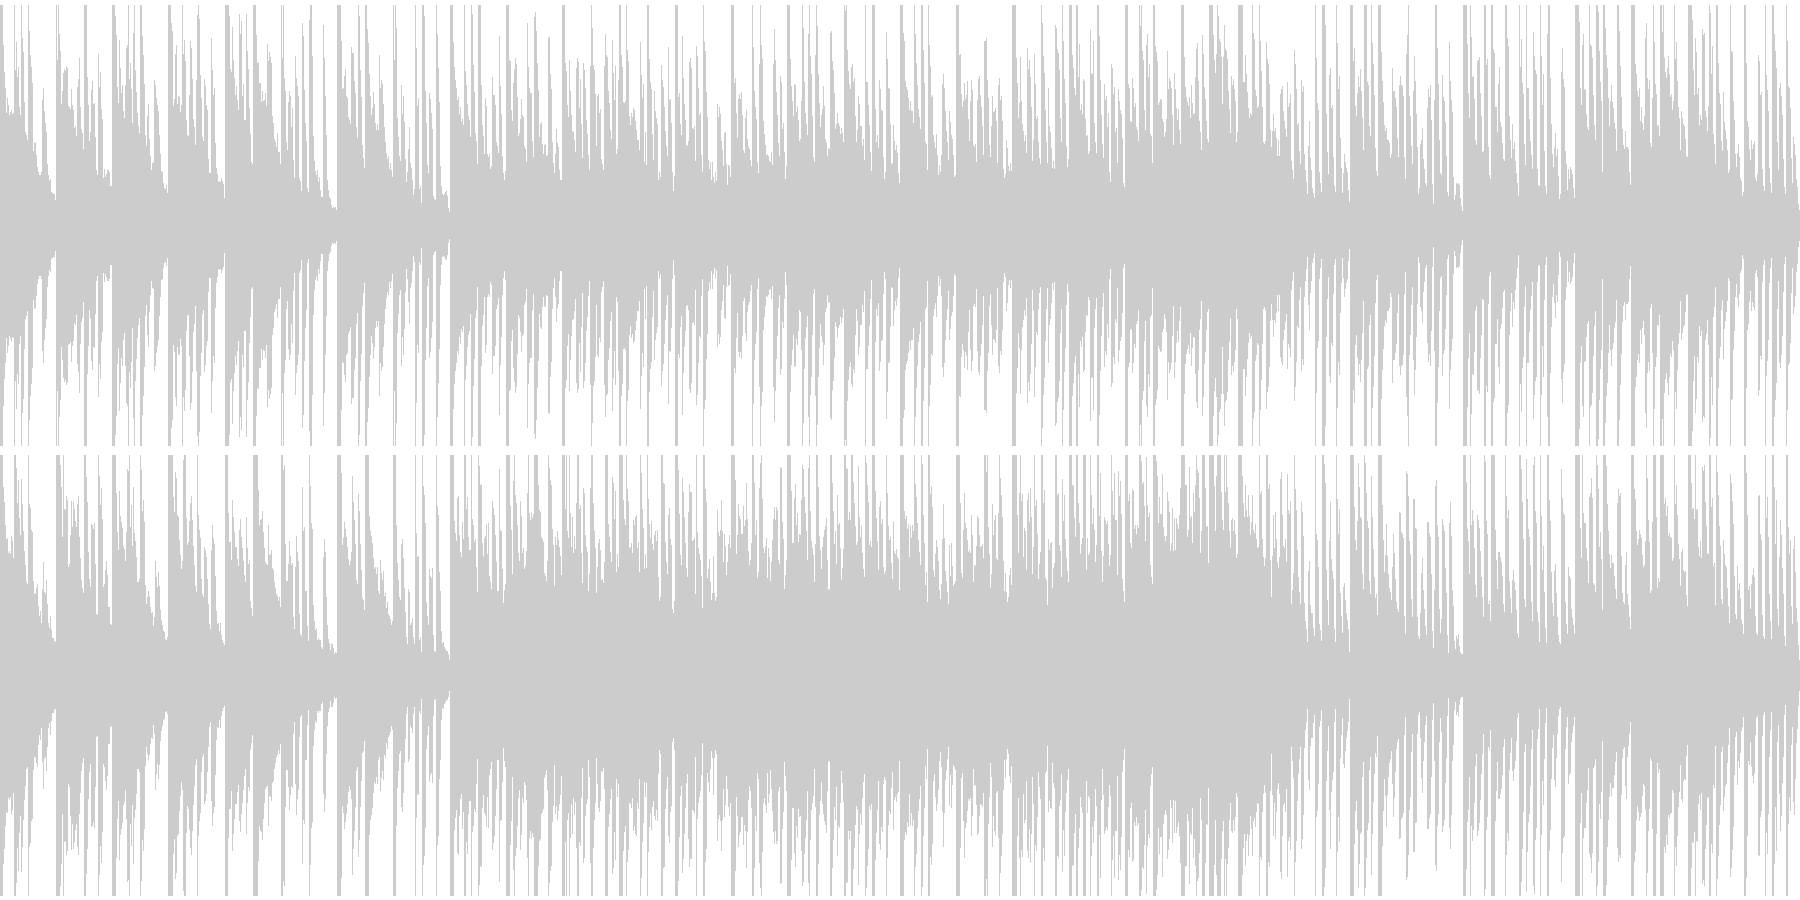 クリスマスのBGM(ループ)の未再生の波形